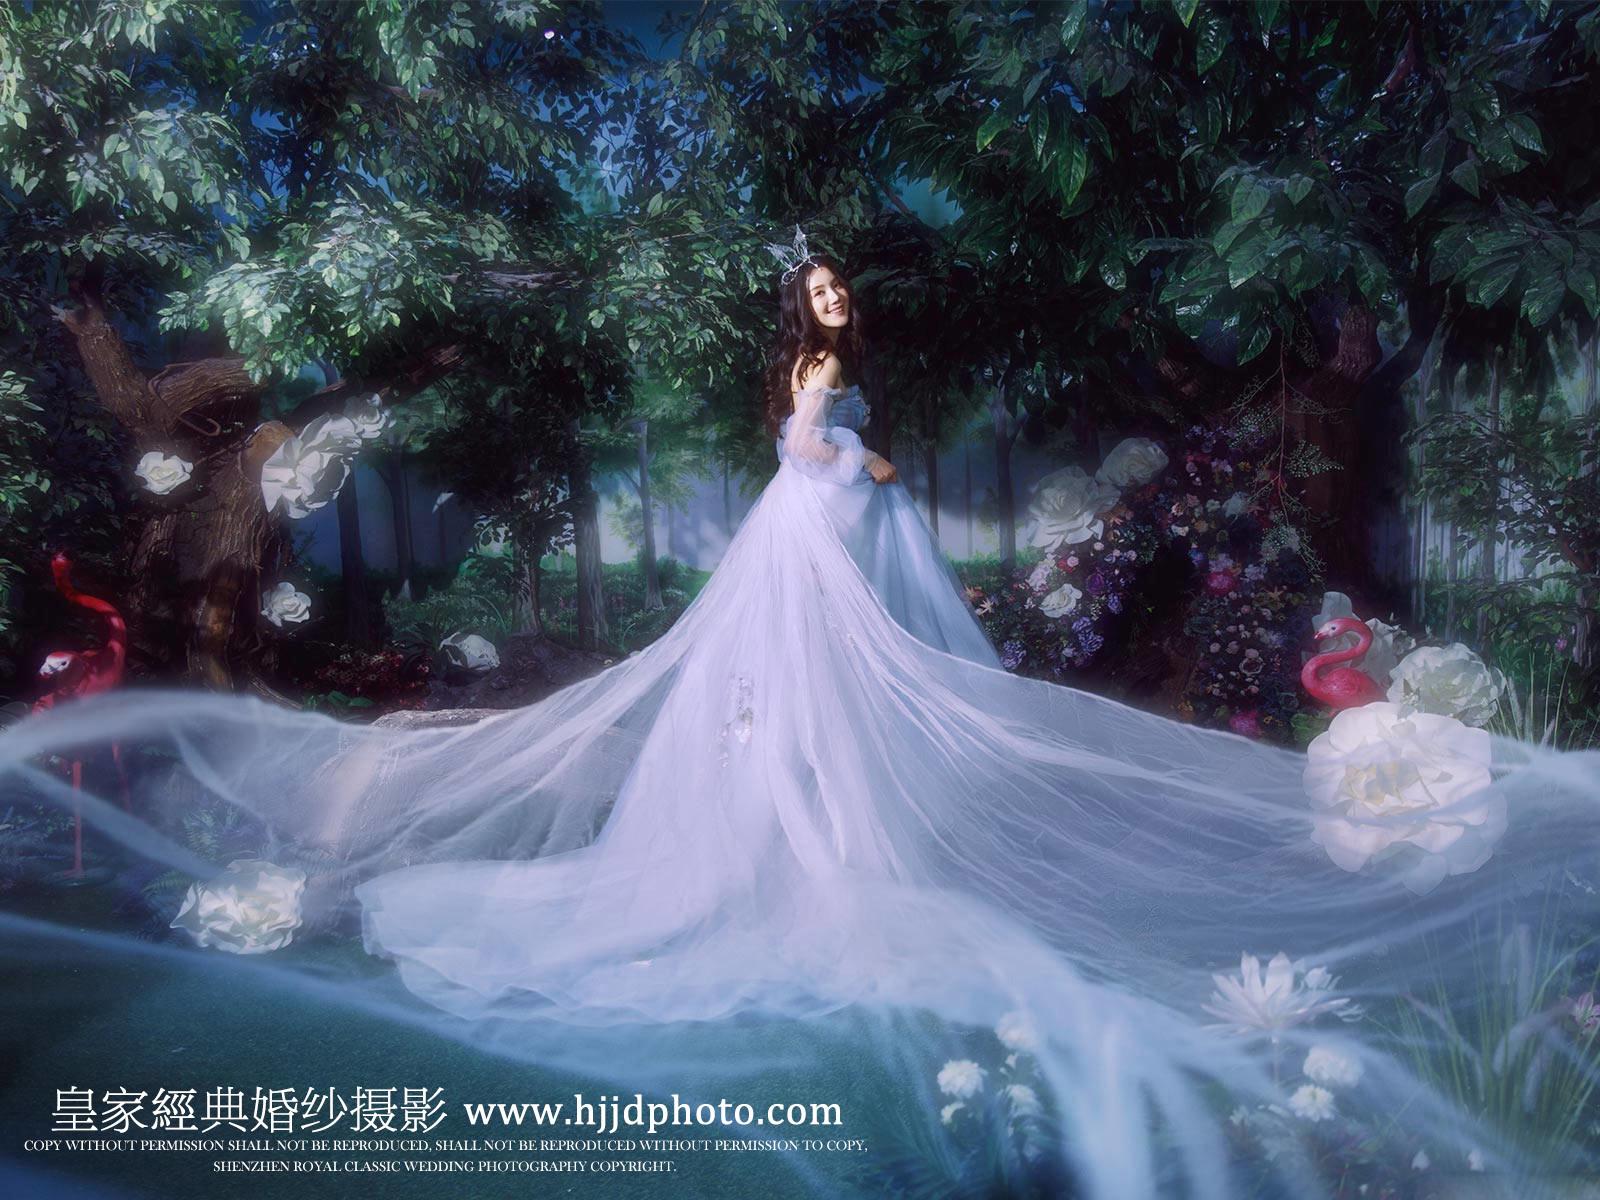 深圳婚纱摄影哪家好?